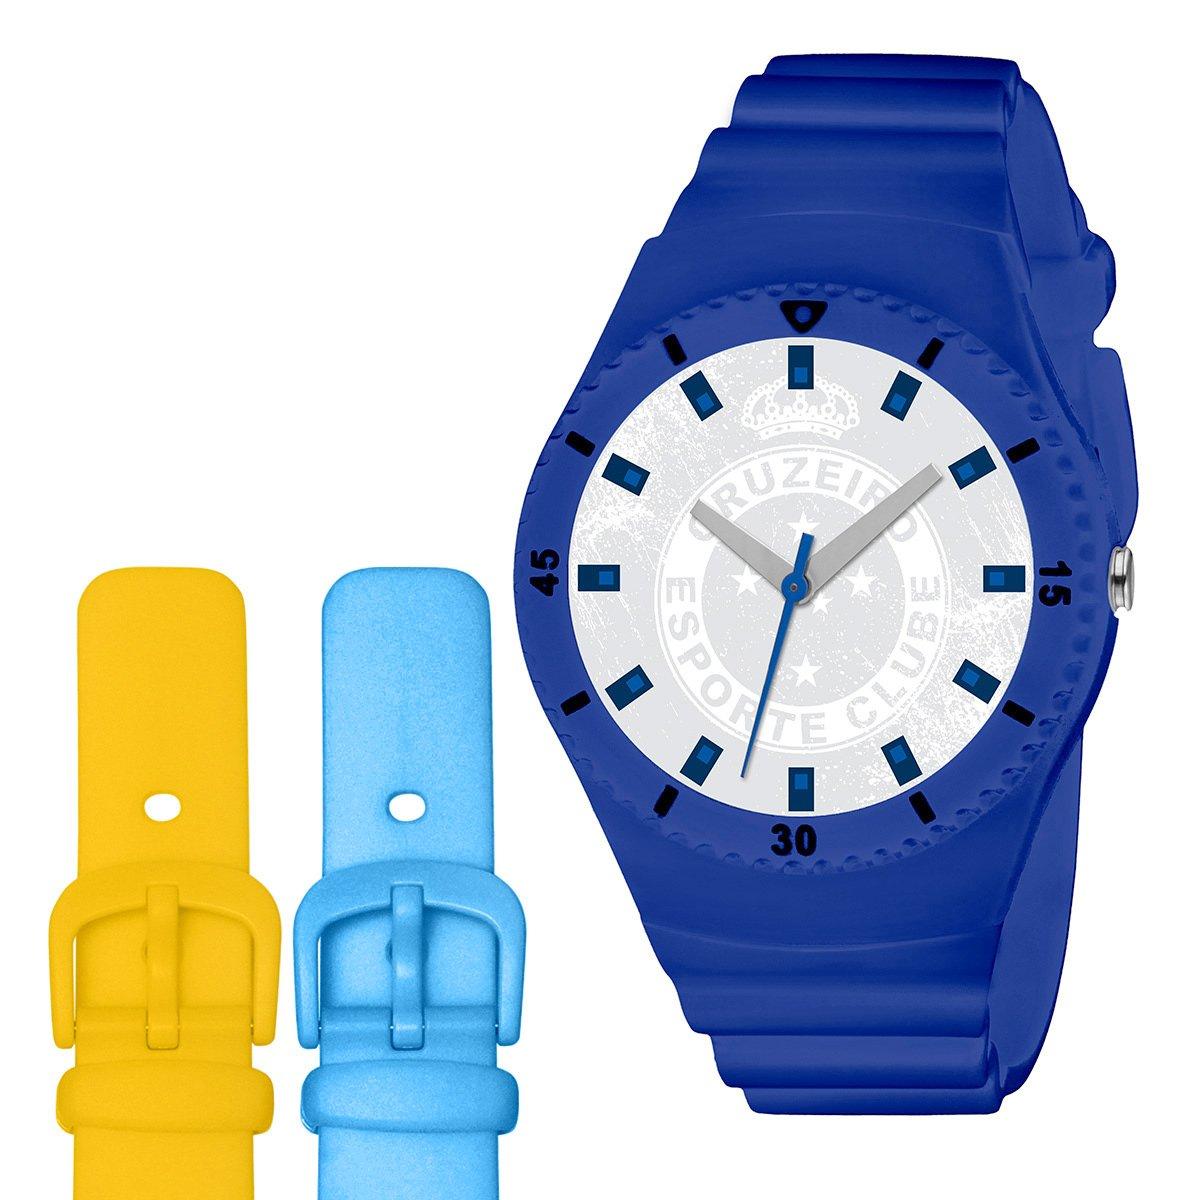 0e86f9d526d Relógio Cruzeiro Technos Analógico com Pulseira para Troca - Compre Agora